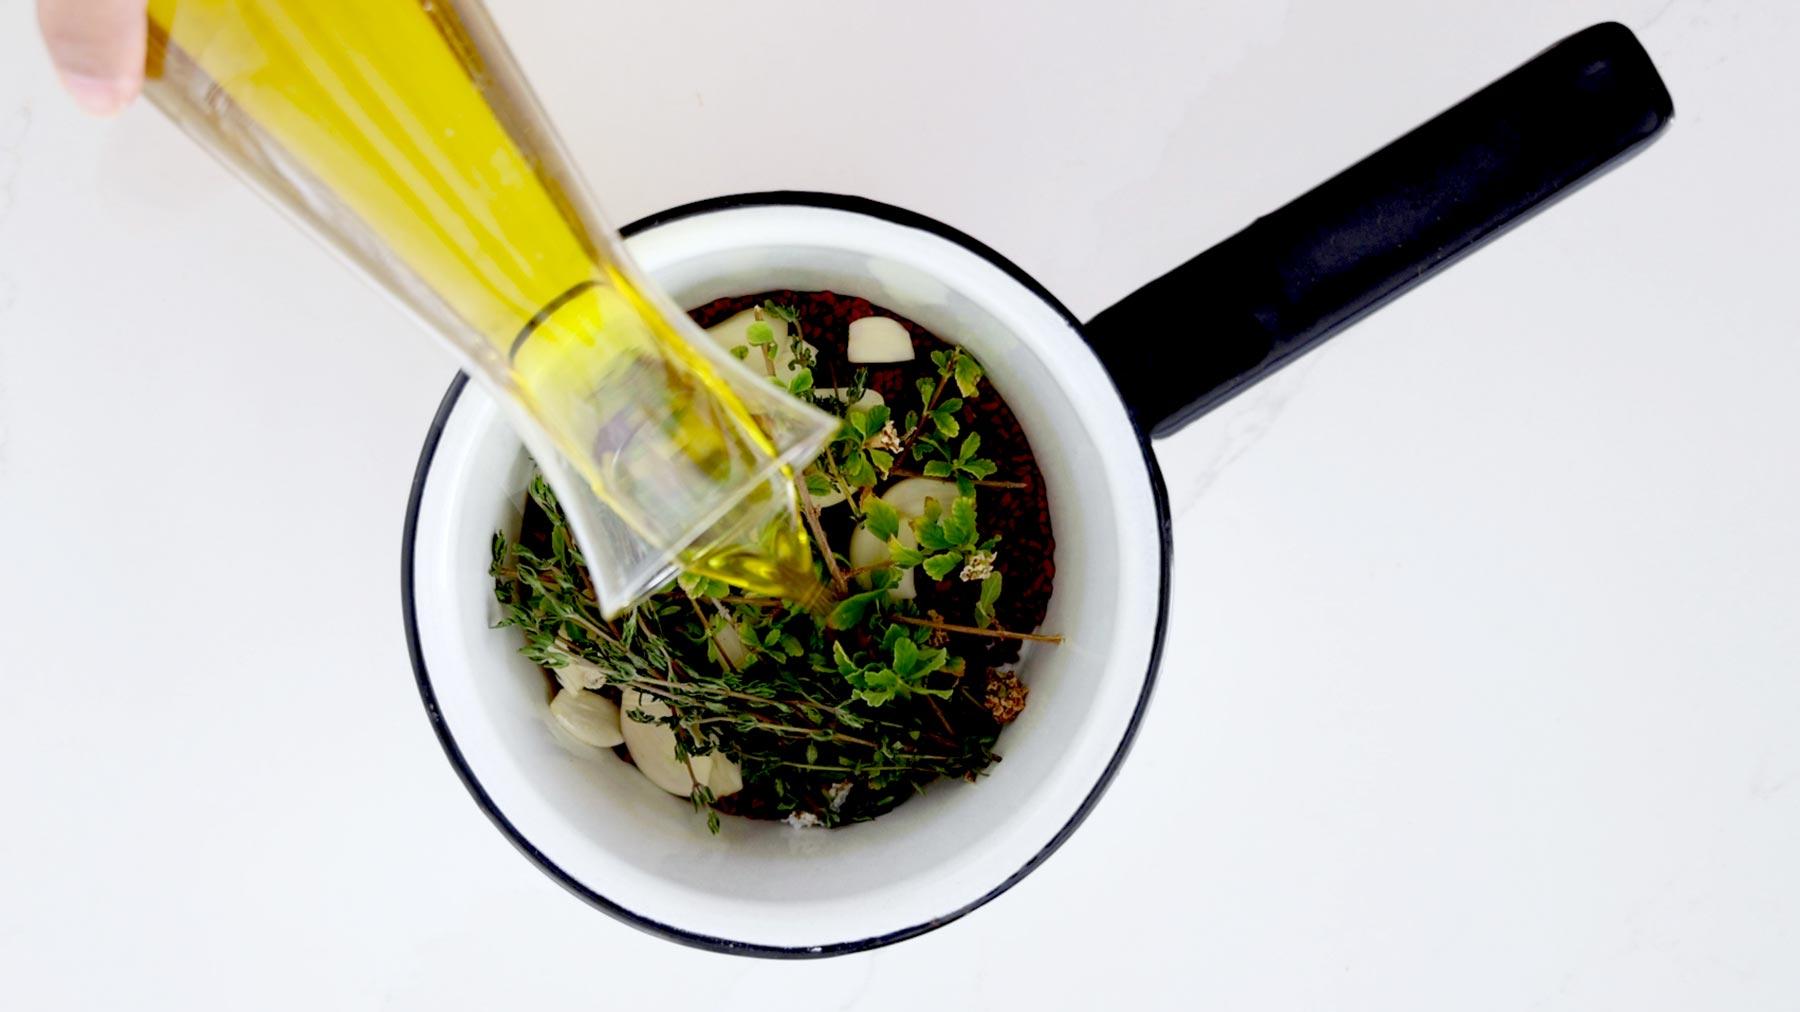 Agregando aceite a los ingredientes